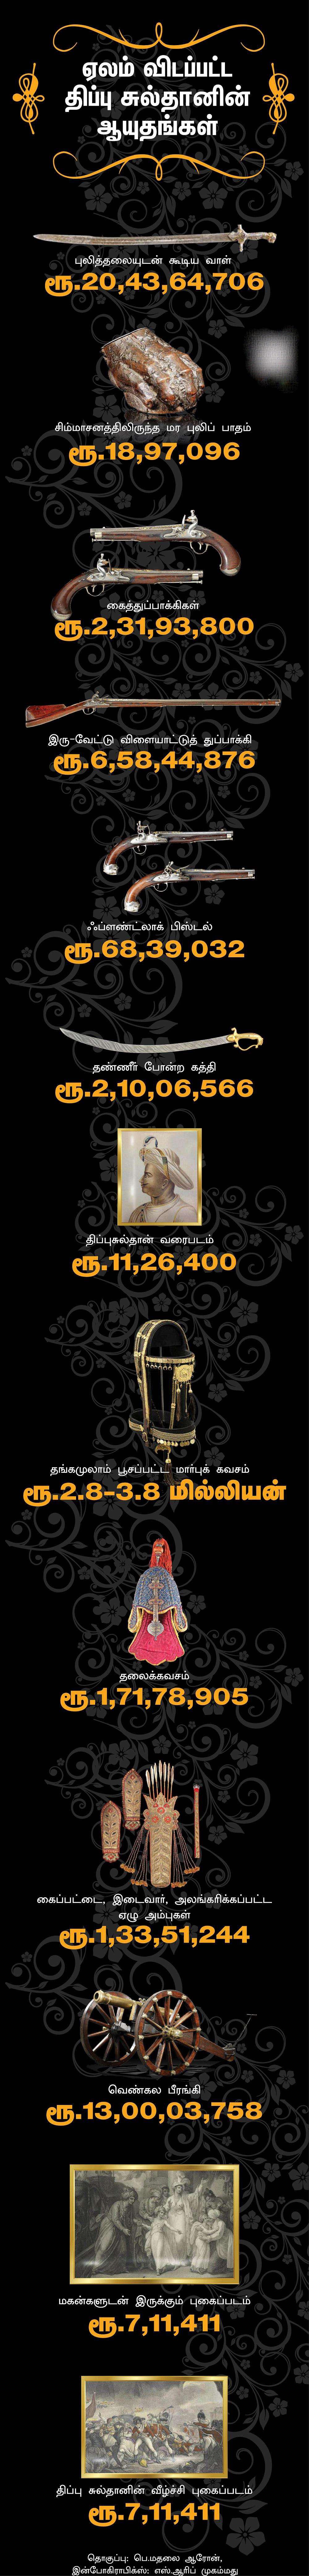 tippu_sultan_15486 இங்கிலாந்தில் ஏலம் விடப்படும் திப்பு சுல்தானின் போர்வாள், துப்பாக்கி... மீட்கப்படுமா? இங்கிலாந்தில் ஏலம் விடப்படும் திப்பு சுல்தானின் போர்வாள், துப்பாக்கி... மீட்கப்படுமா? tippu sultan 15486